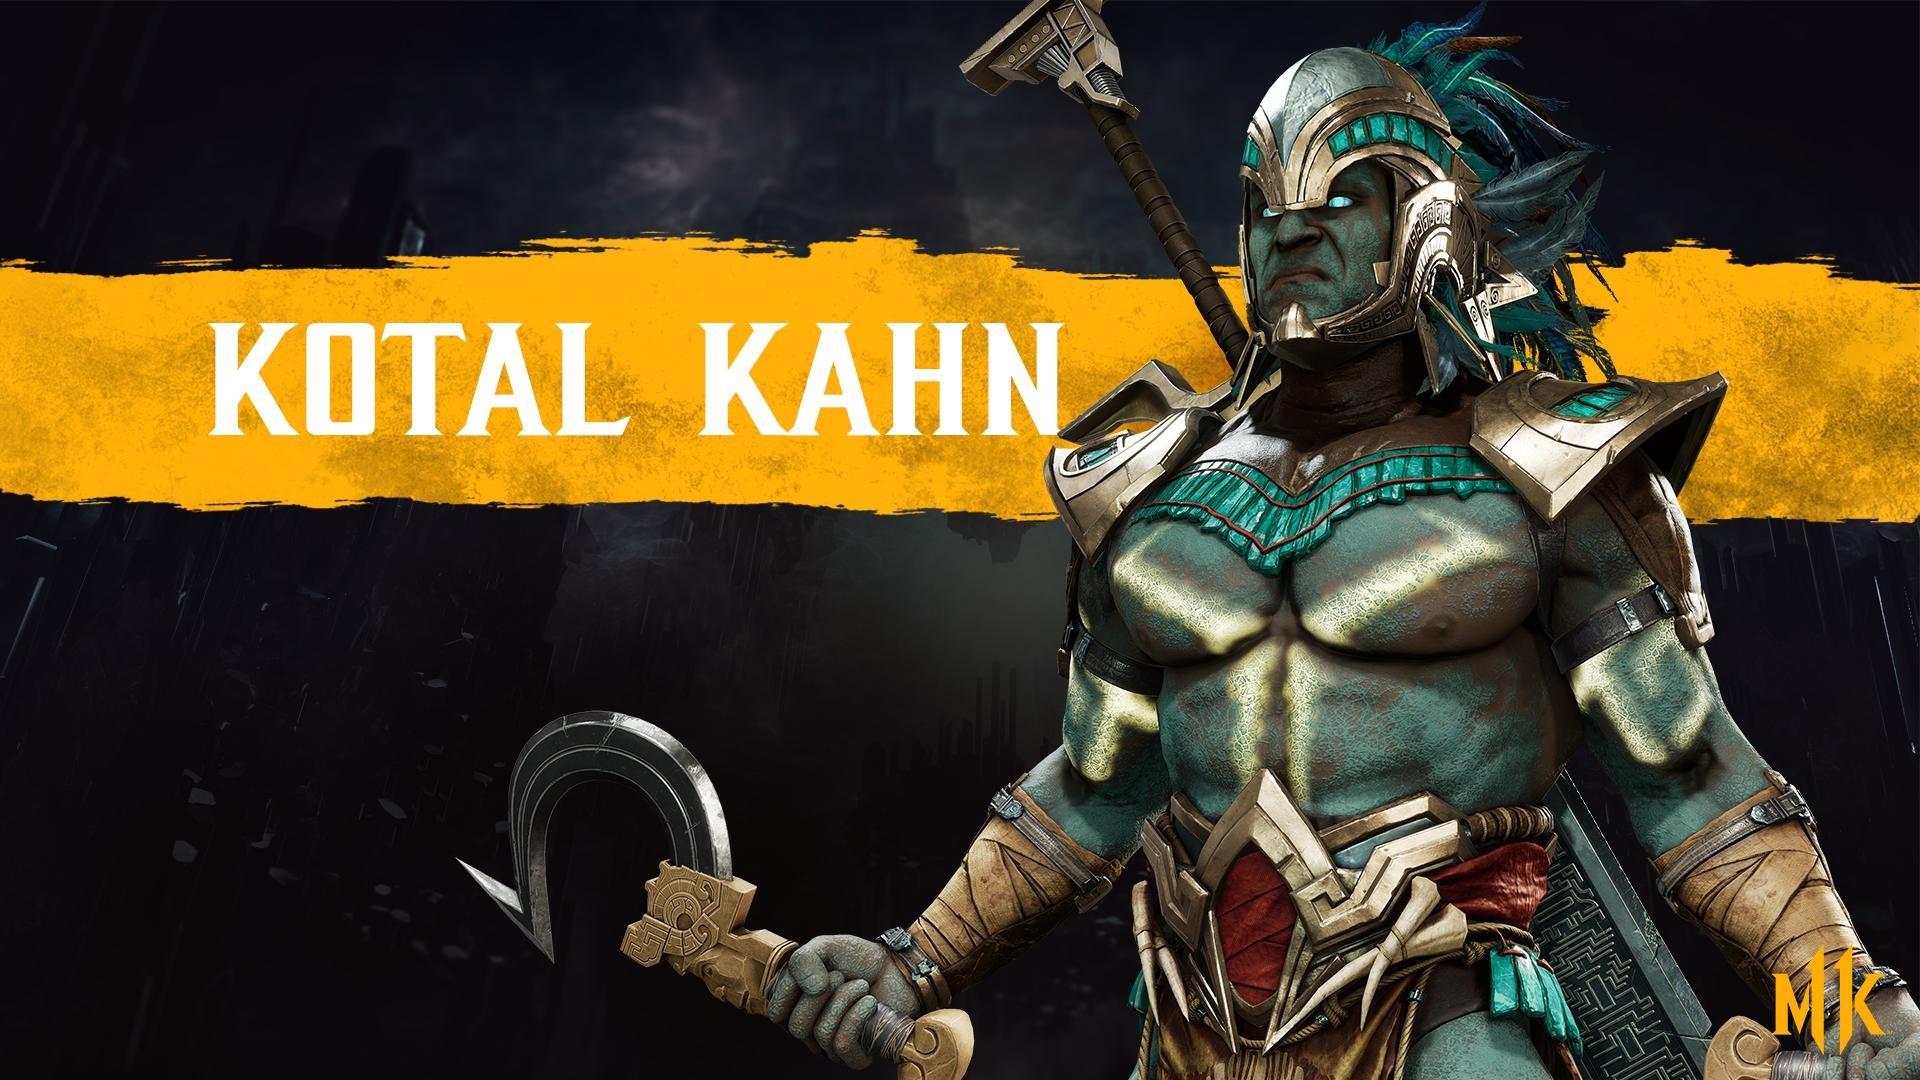 Коталь Кан - Mortal Kombat 11